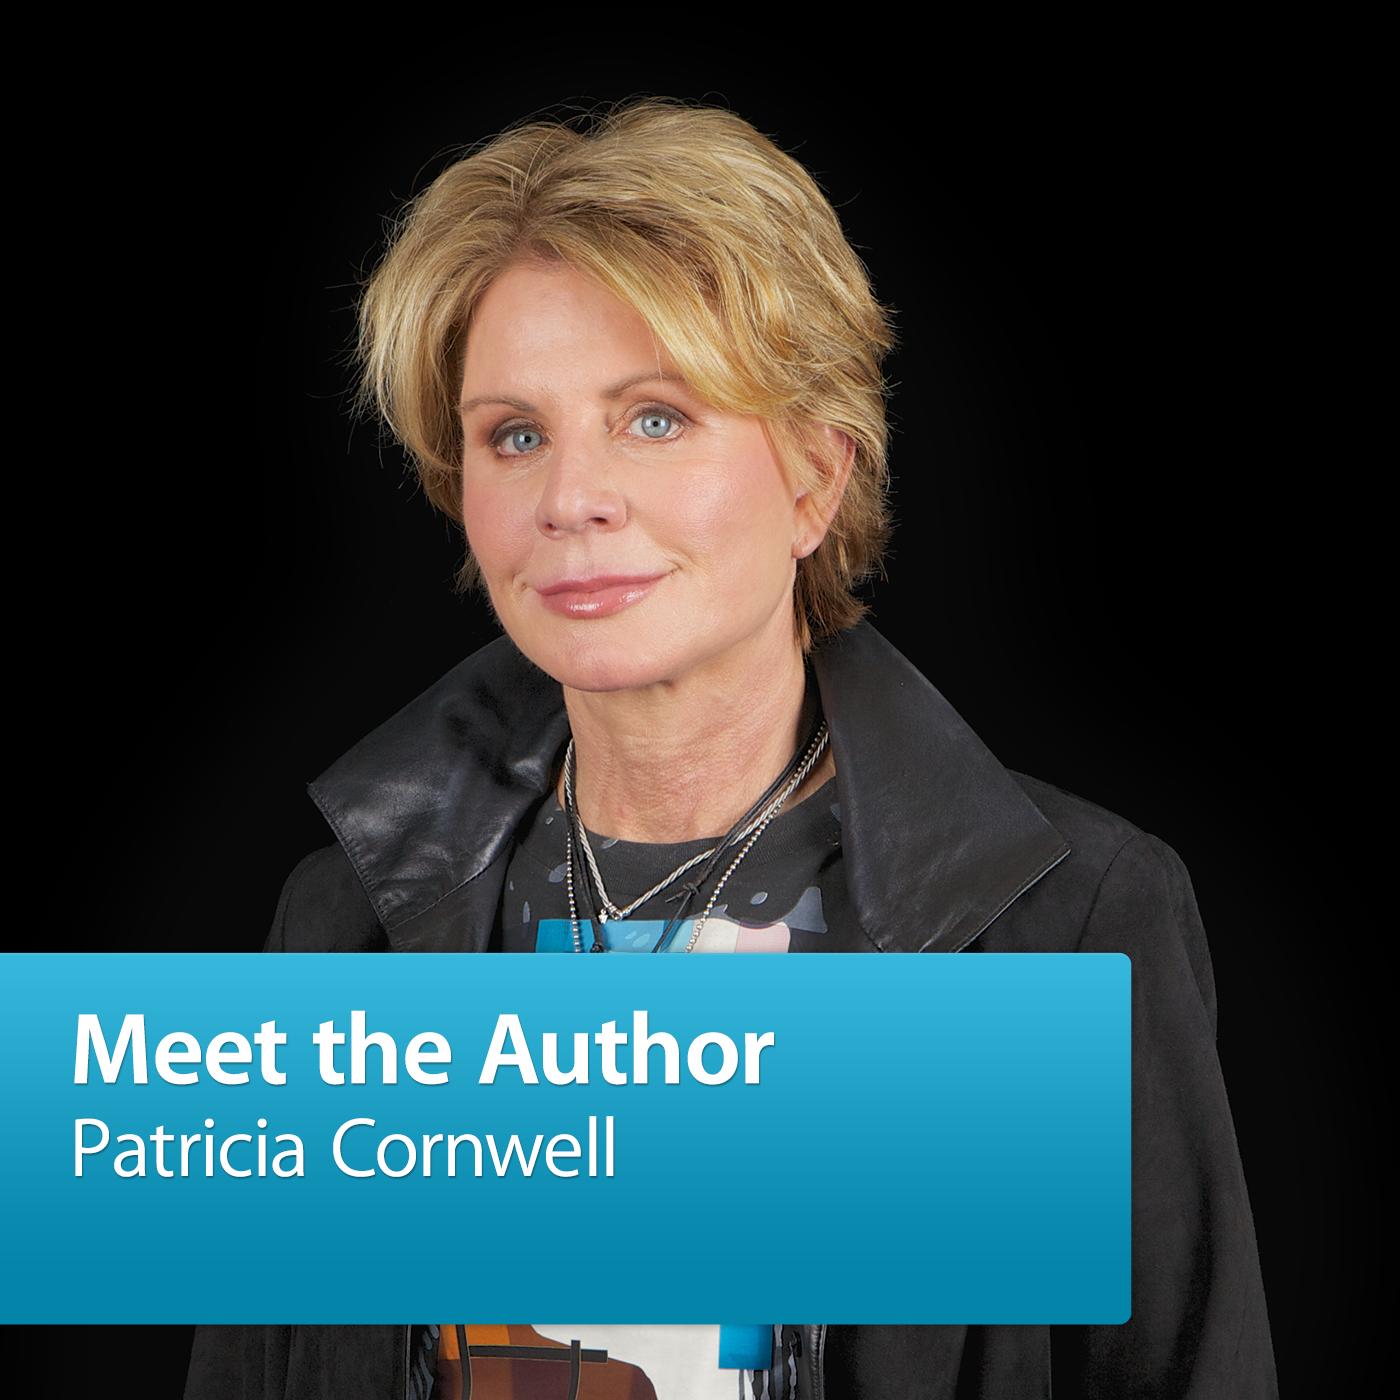 Patricia Cornwell: Meet the Author